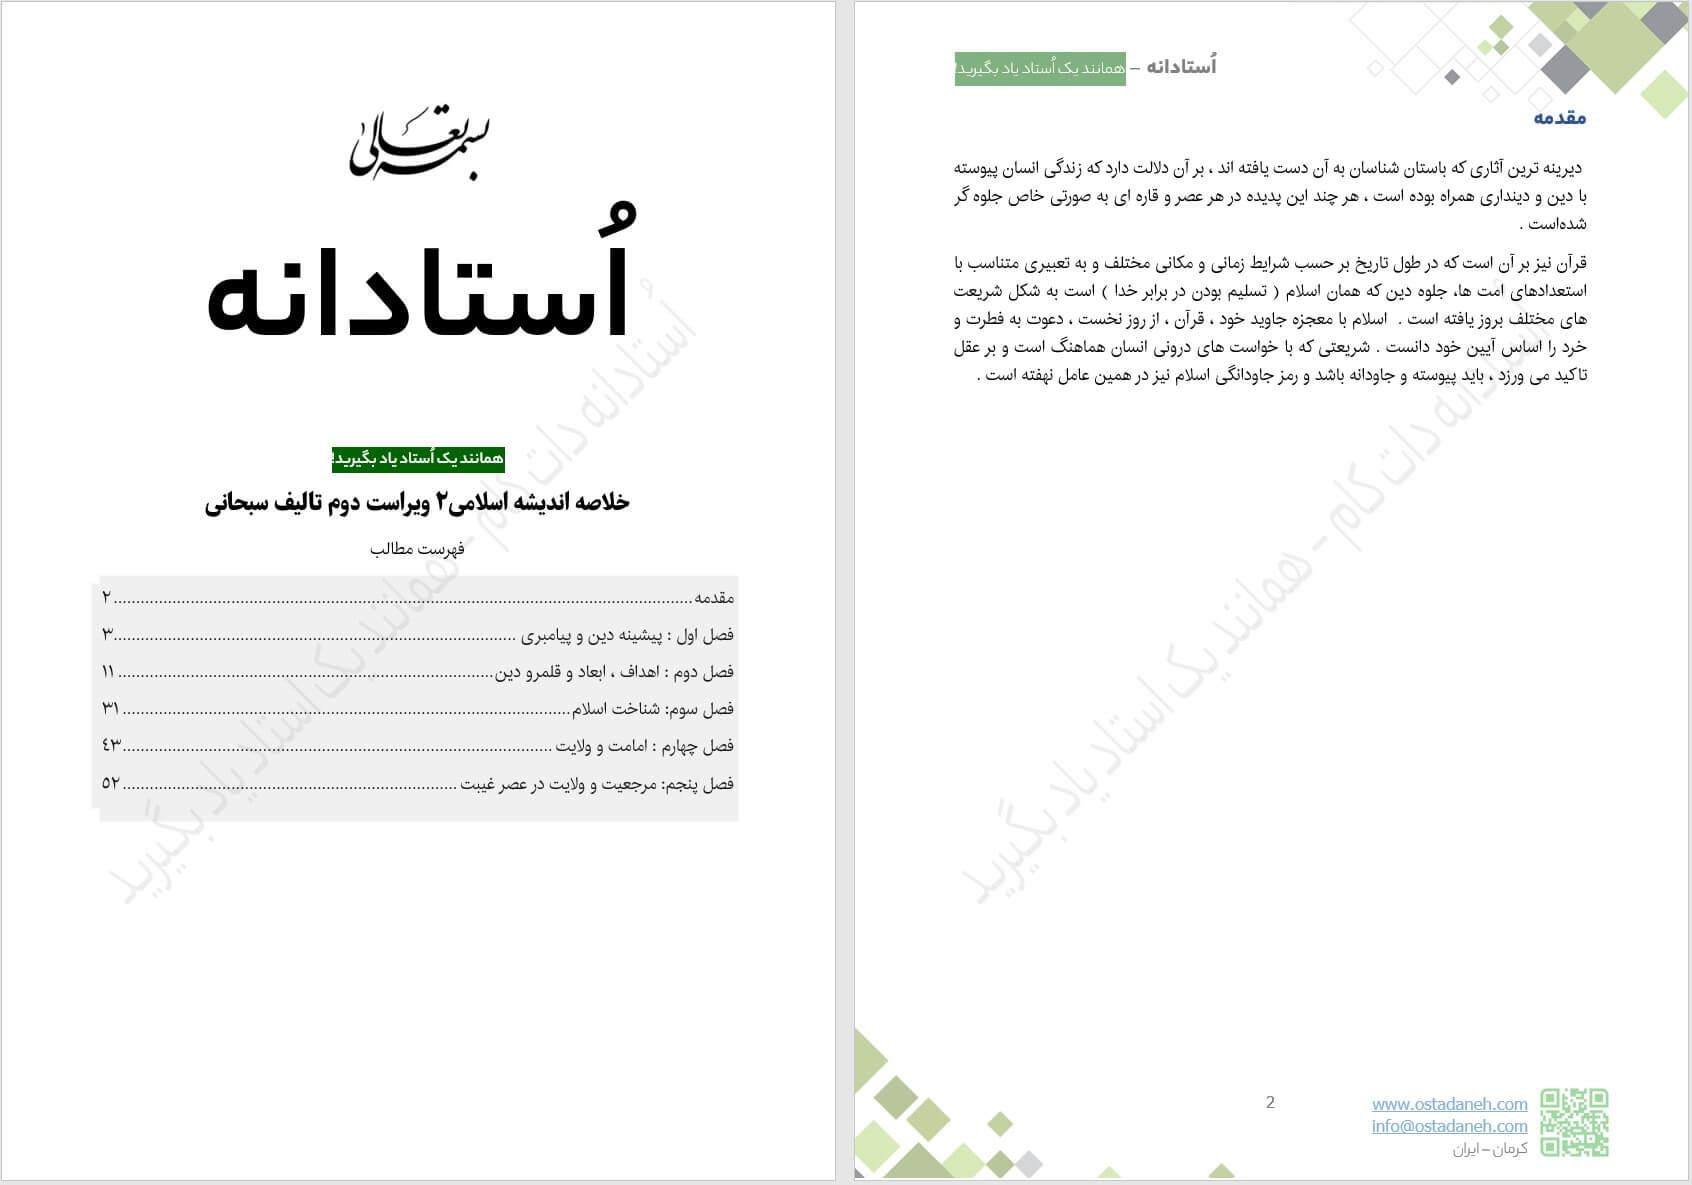 تصویر دوتایی خلاصه کتاب اندیشه اسلامی 2 سبحانی ویراست دوم مجموعه کامل و تصحیح شده به همراه نمونه سوال